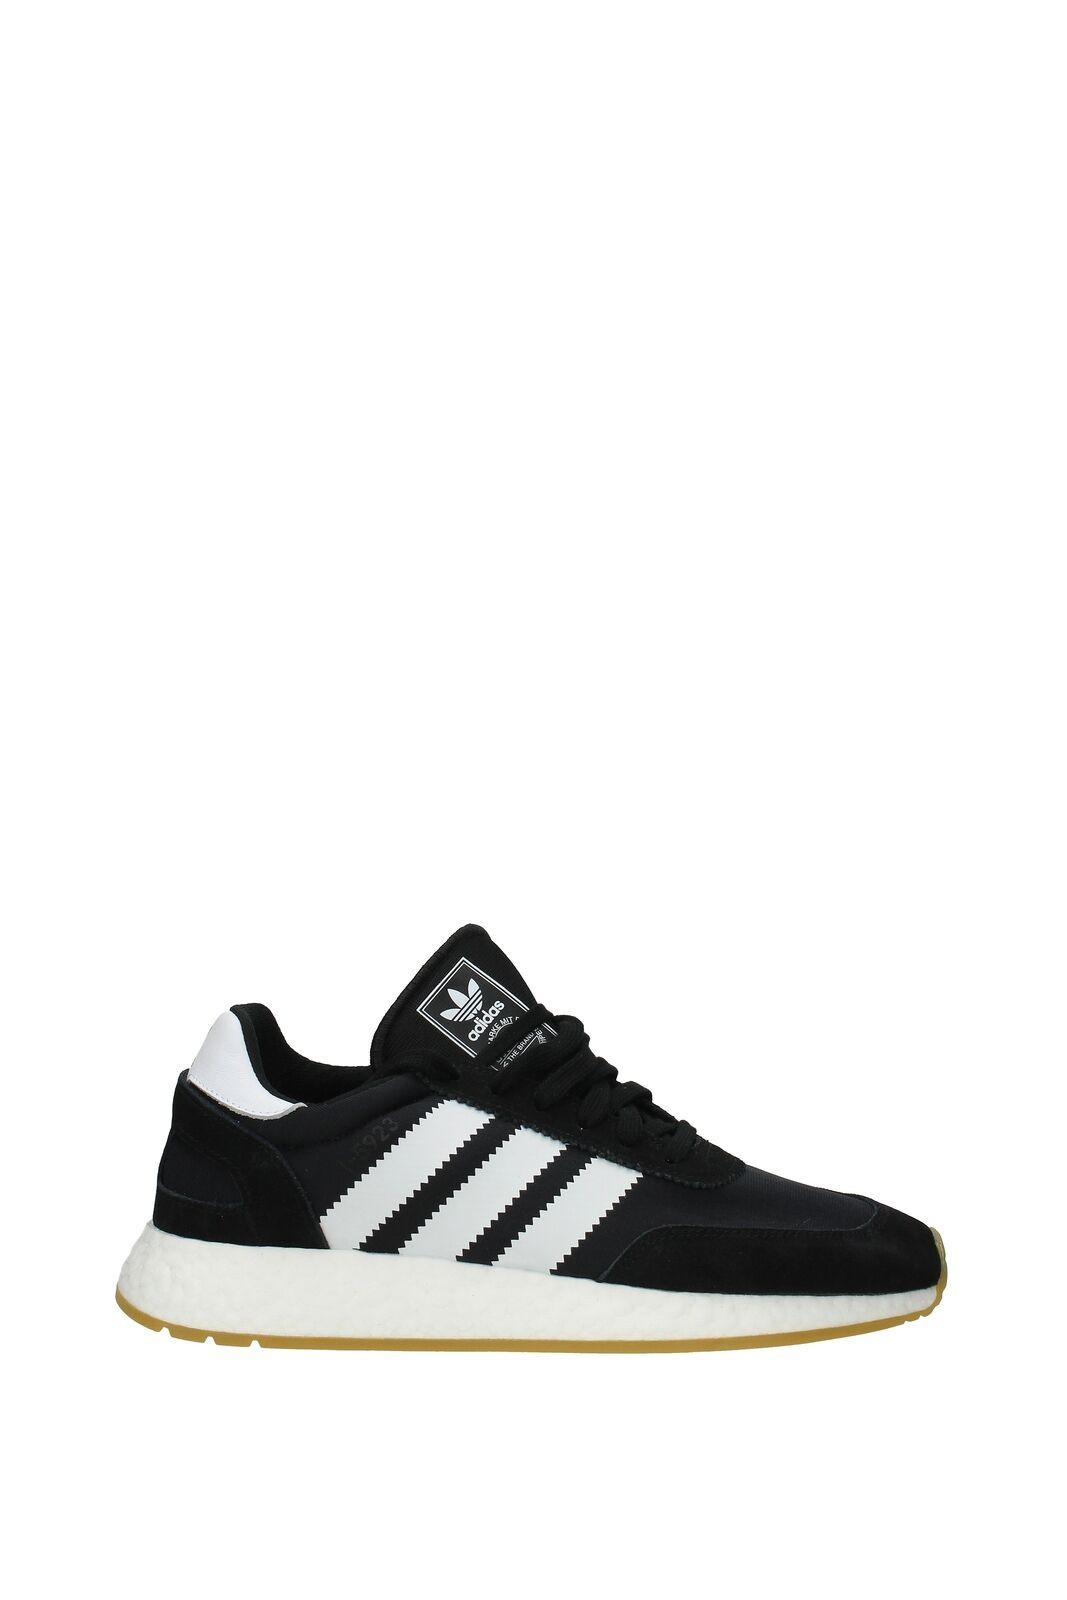 Baskets Adidas I 5923 Hommes-Tissu (UD9734)